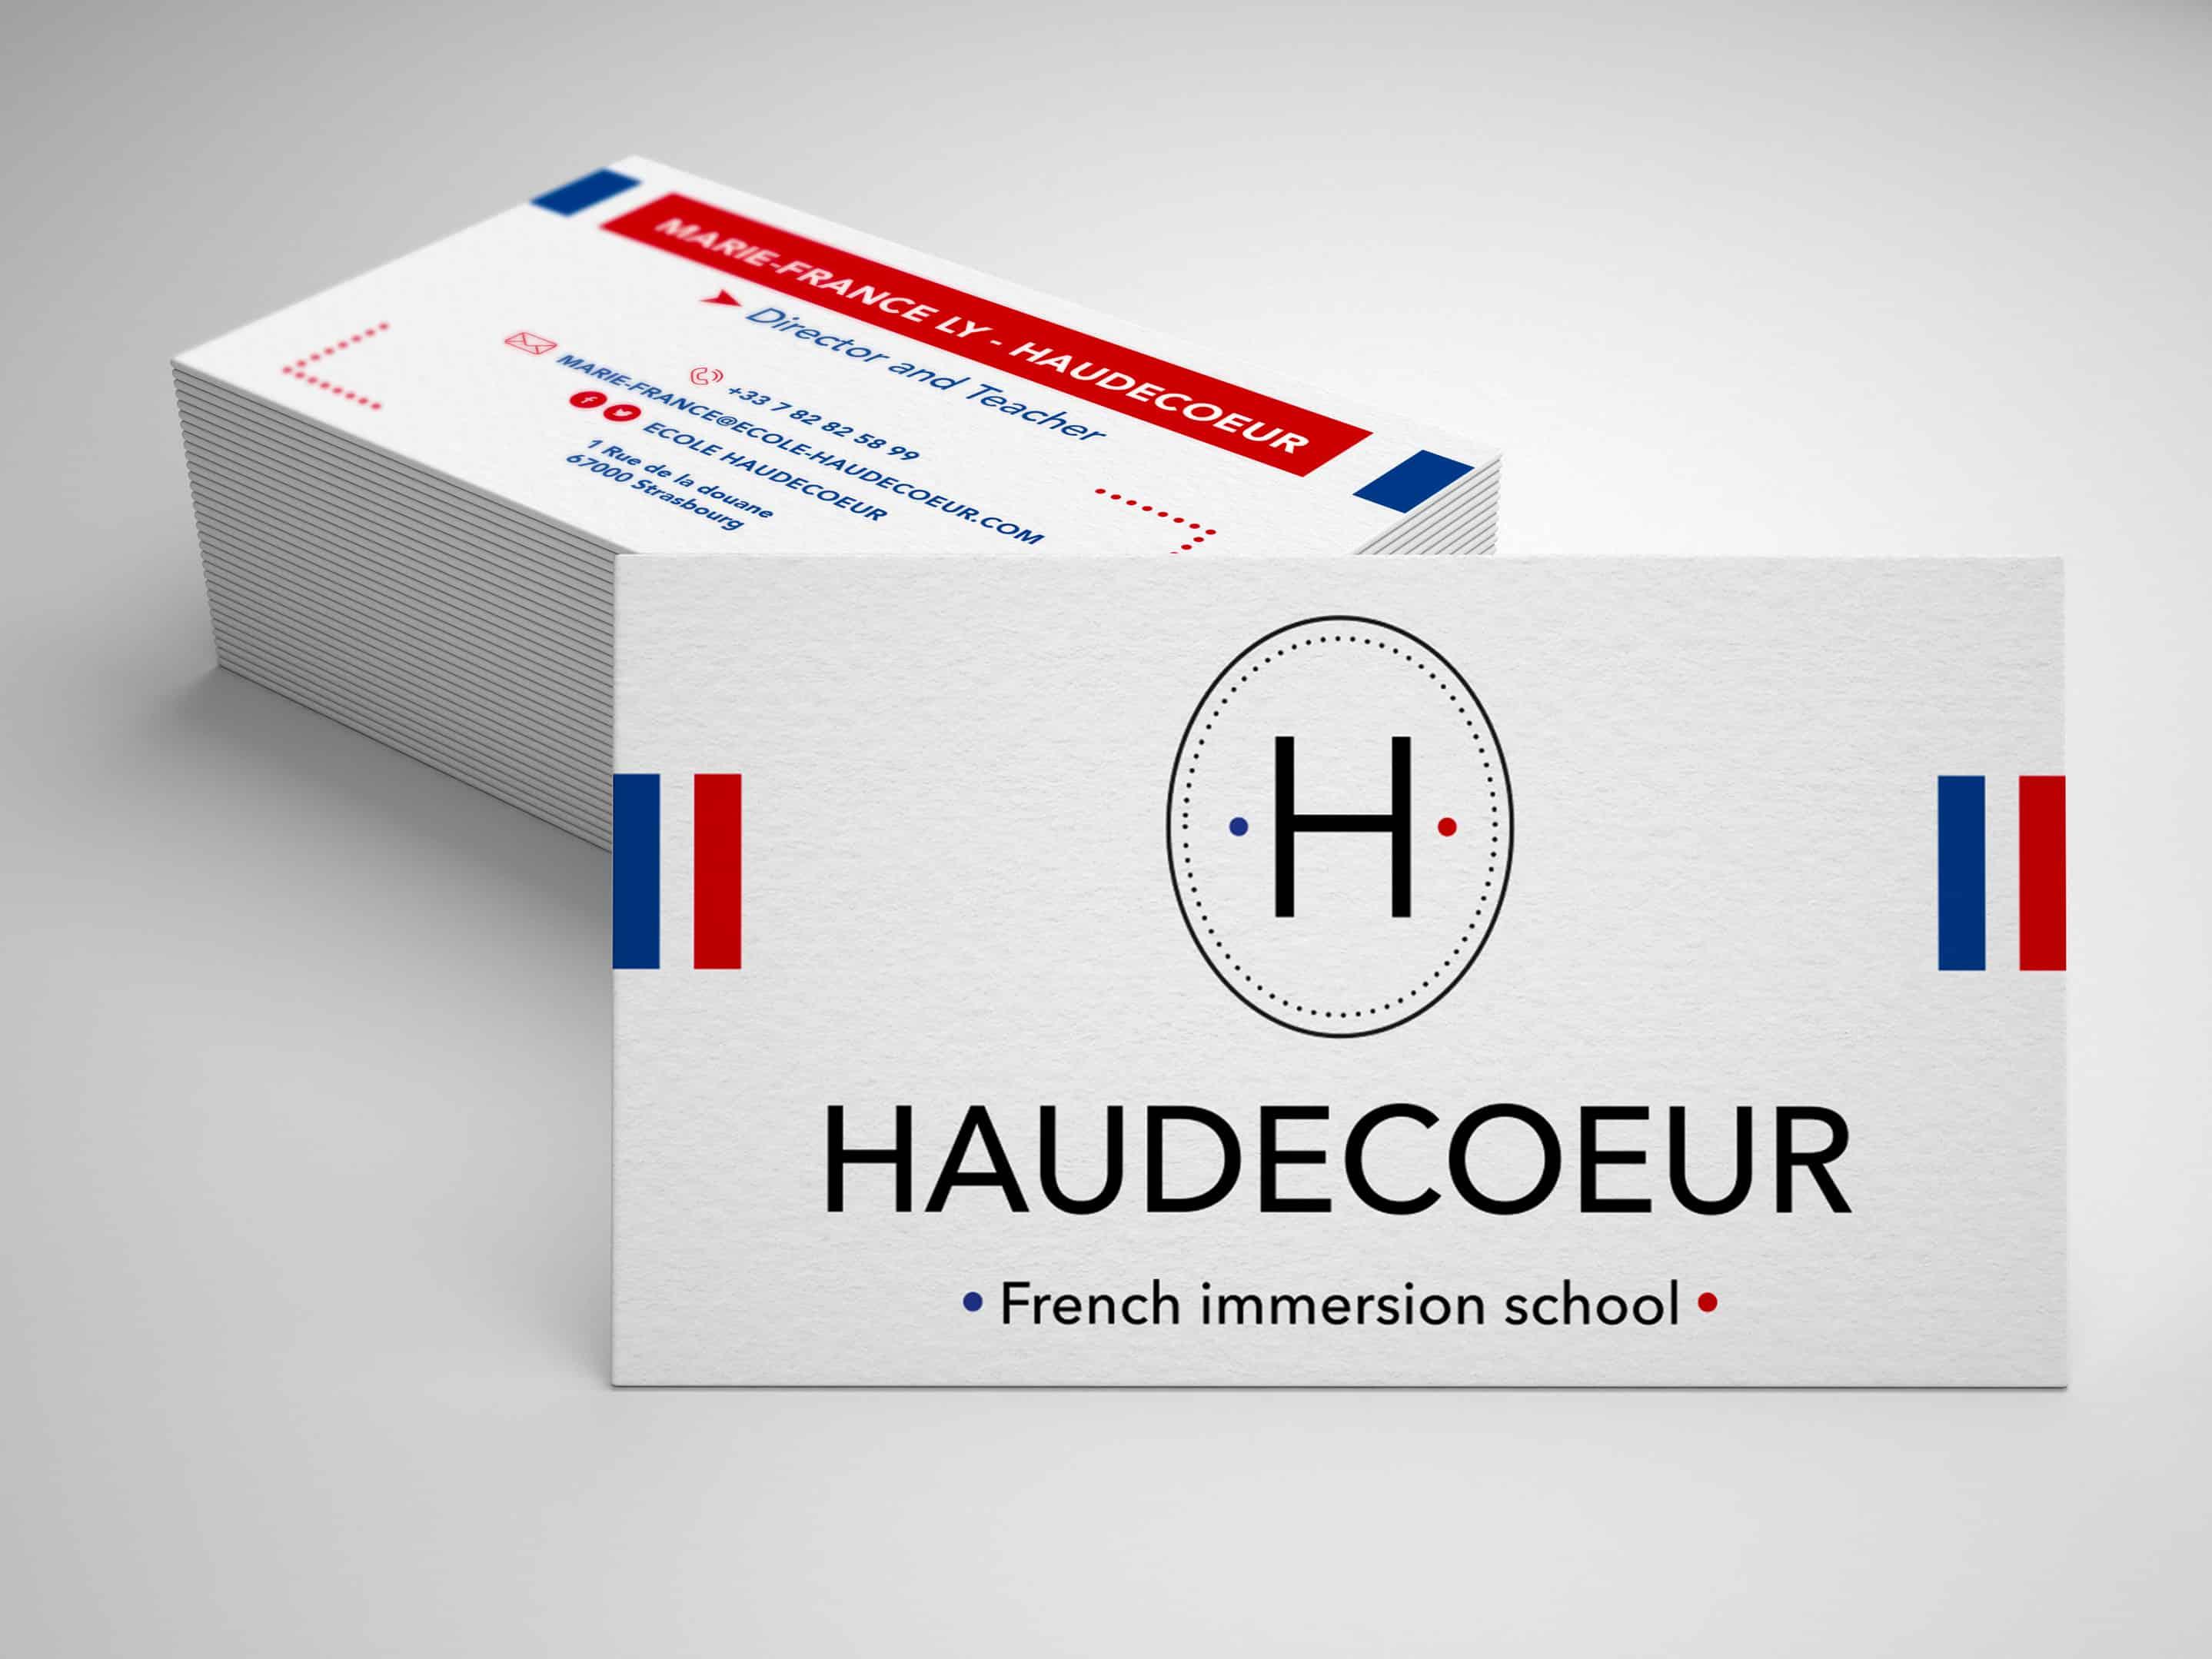 carte-de-visite-recto-verso-pour-lecole-de-langue-haudecoeur-sur-strasbourg